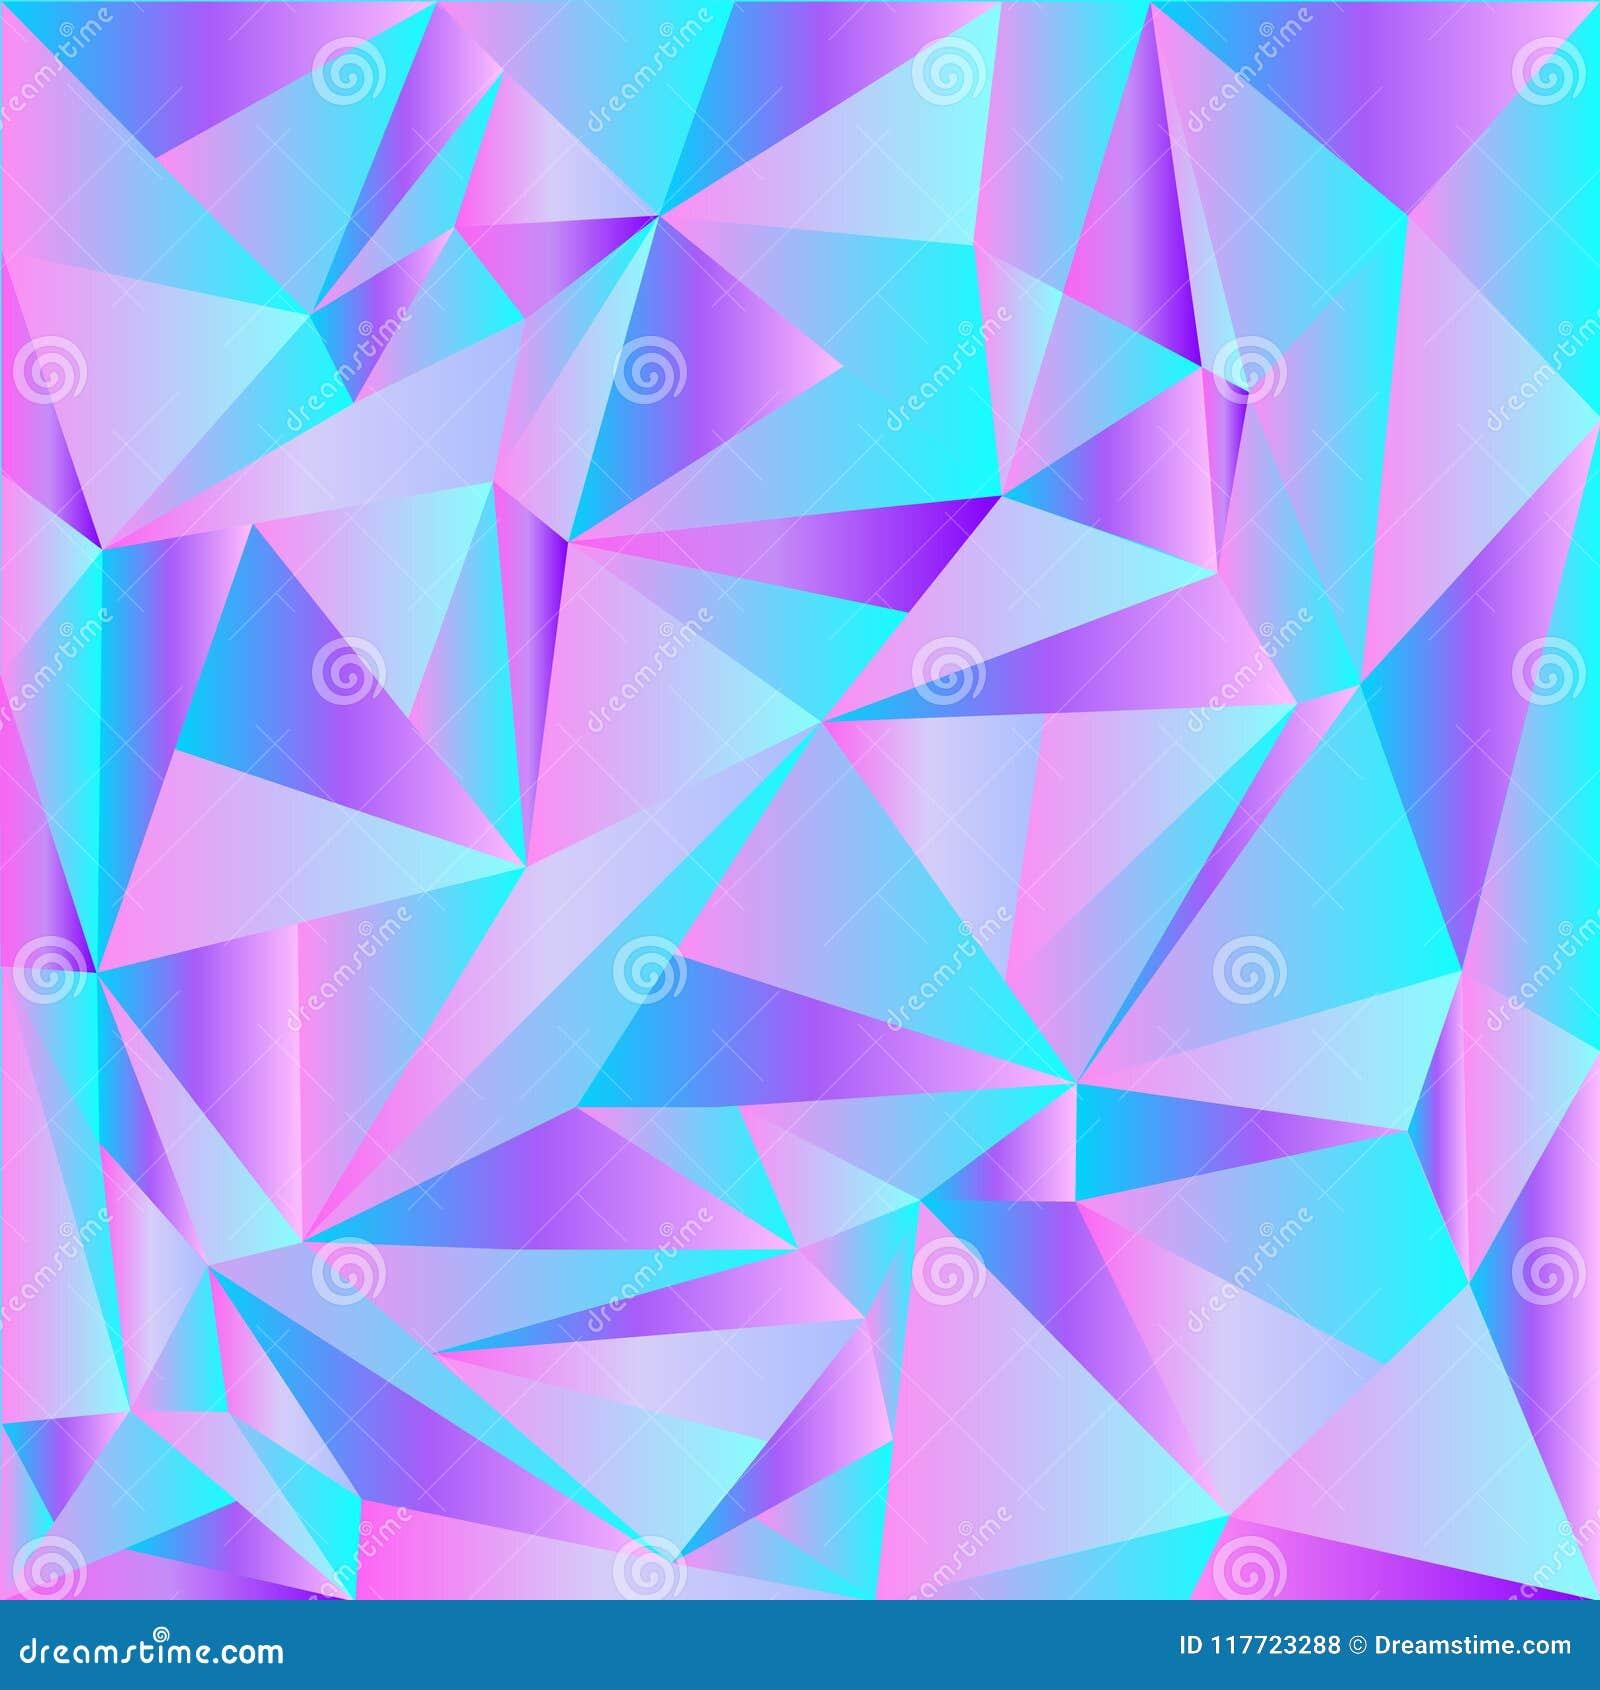 Свет - розовый, фон голубого вектора сияющий триангулярный Совершенно новая иллюстрация цвета в полигональном стиле Совершенно но